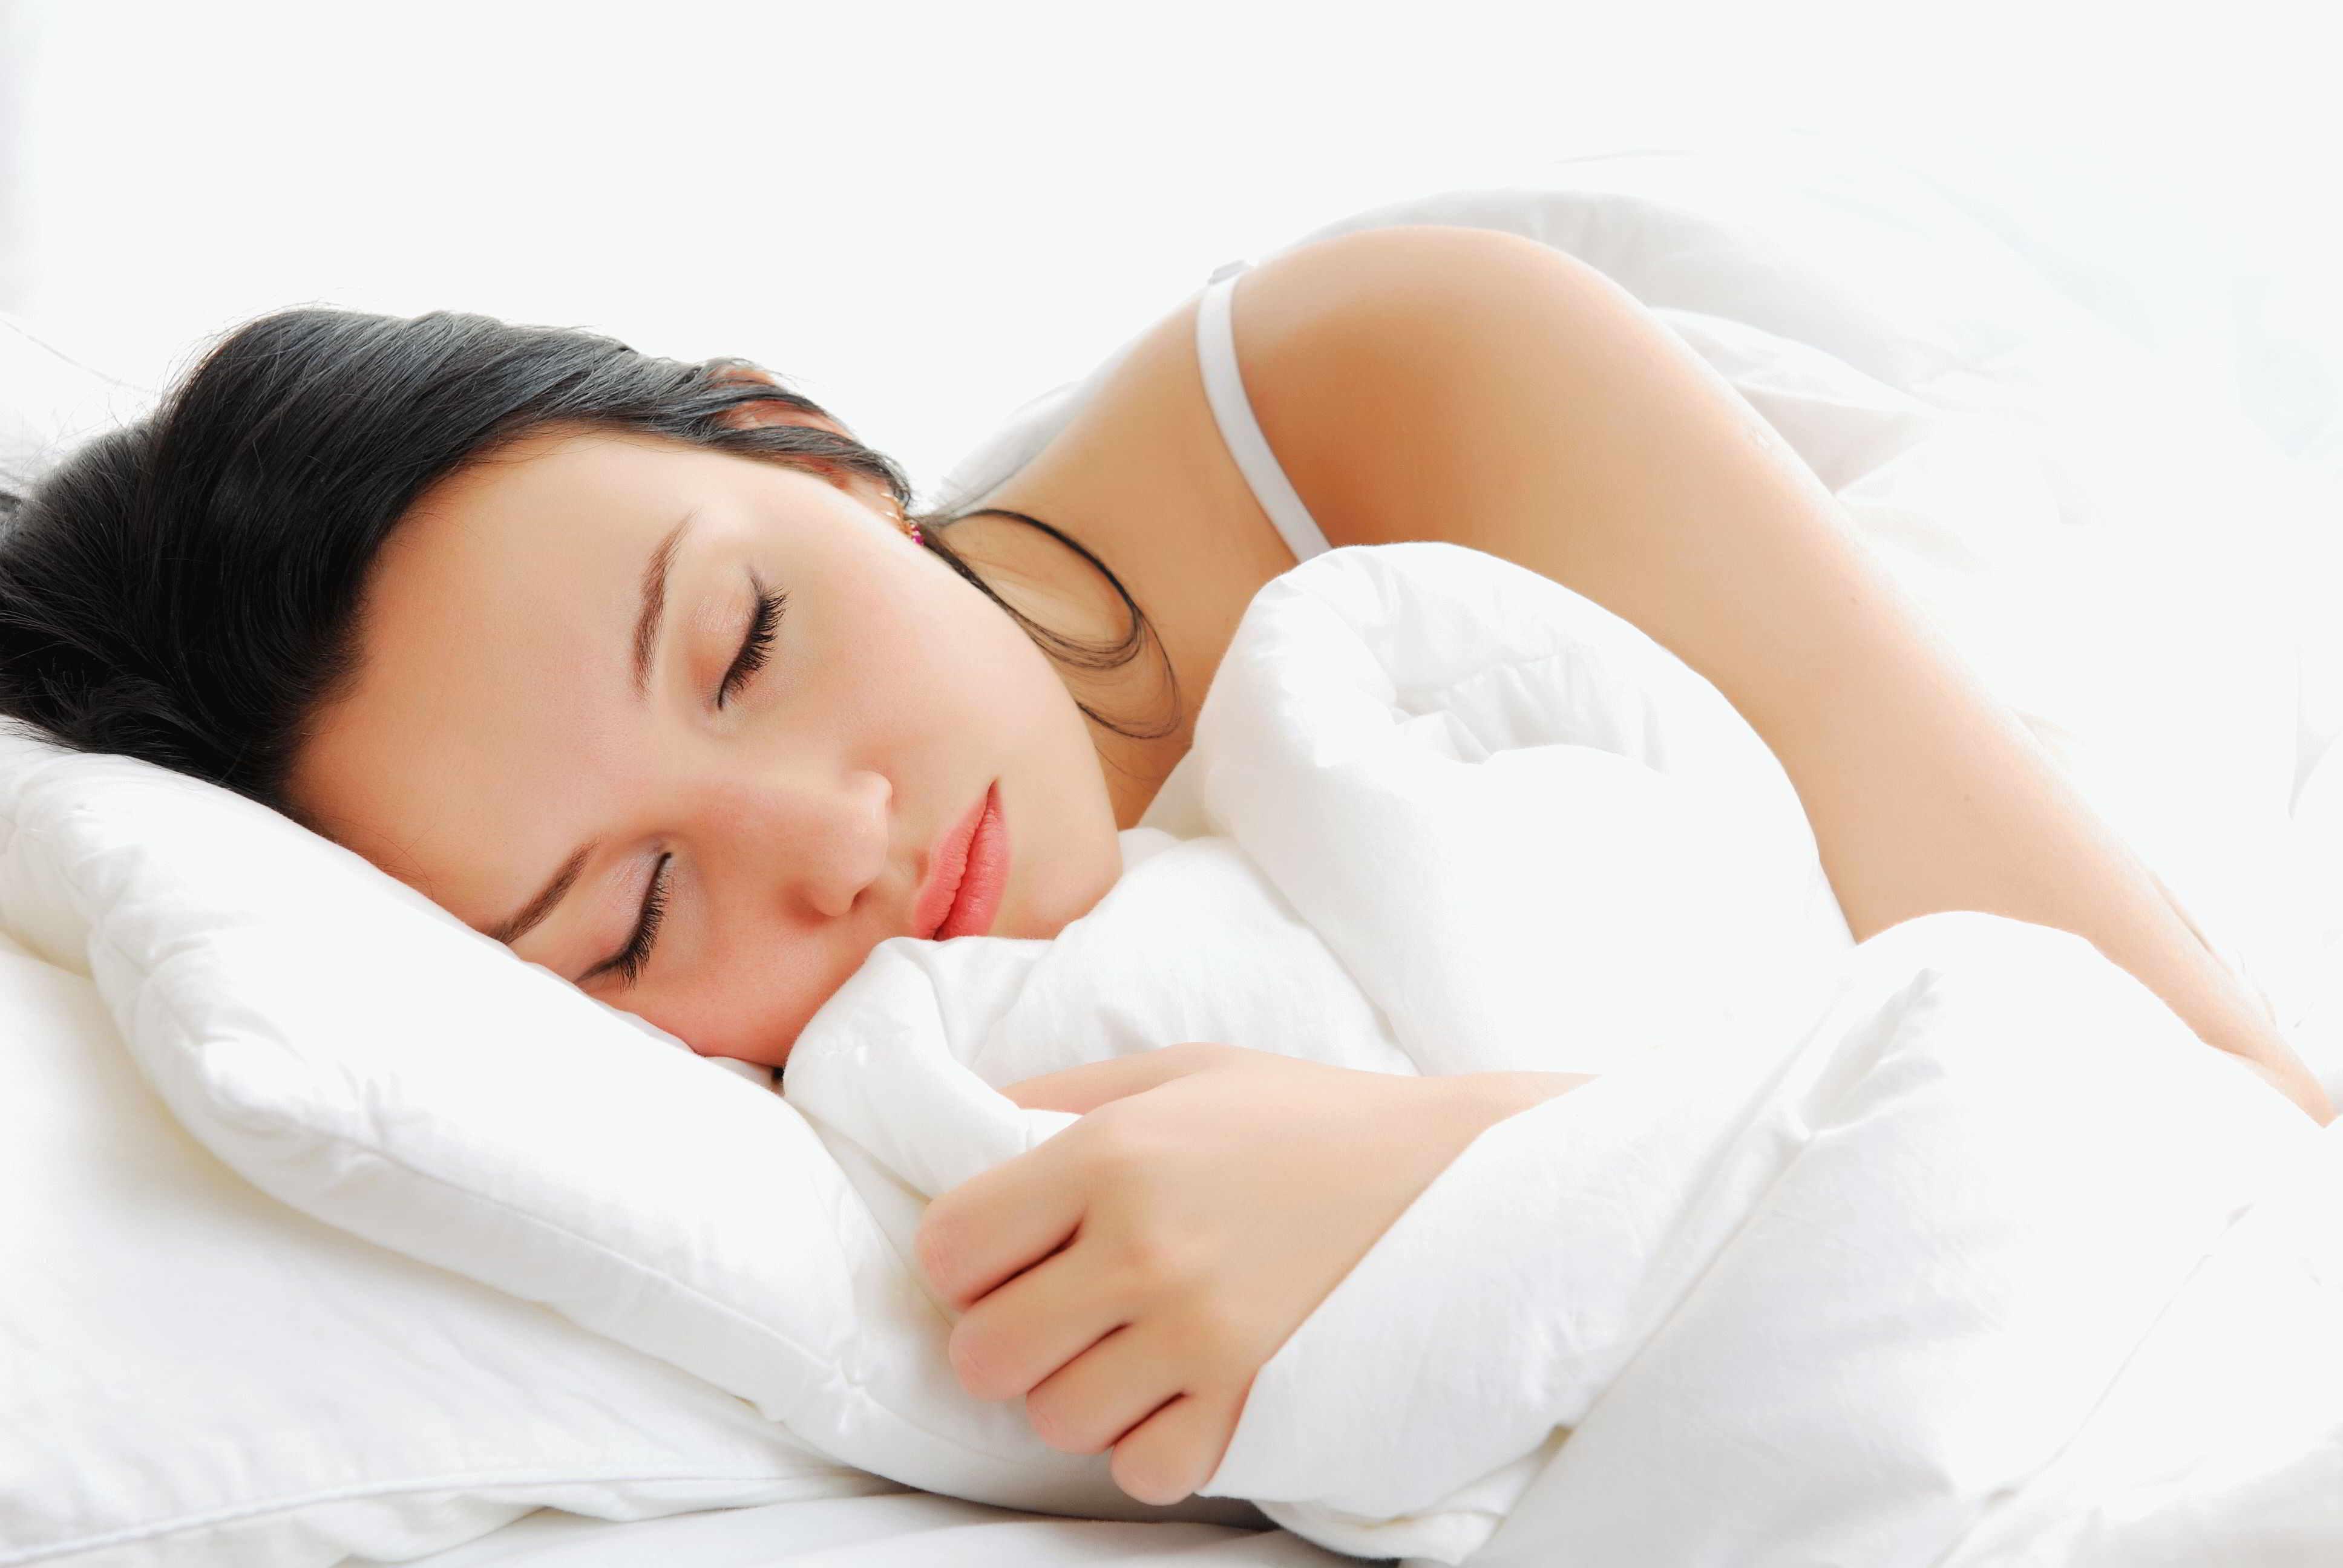 Заниматься сексом во сне с бывшим мужем